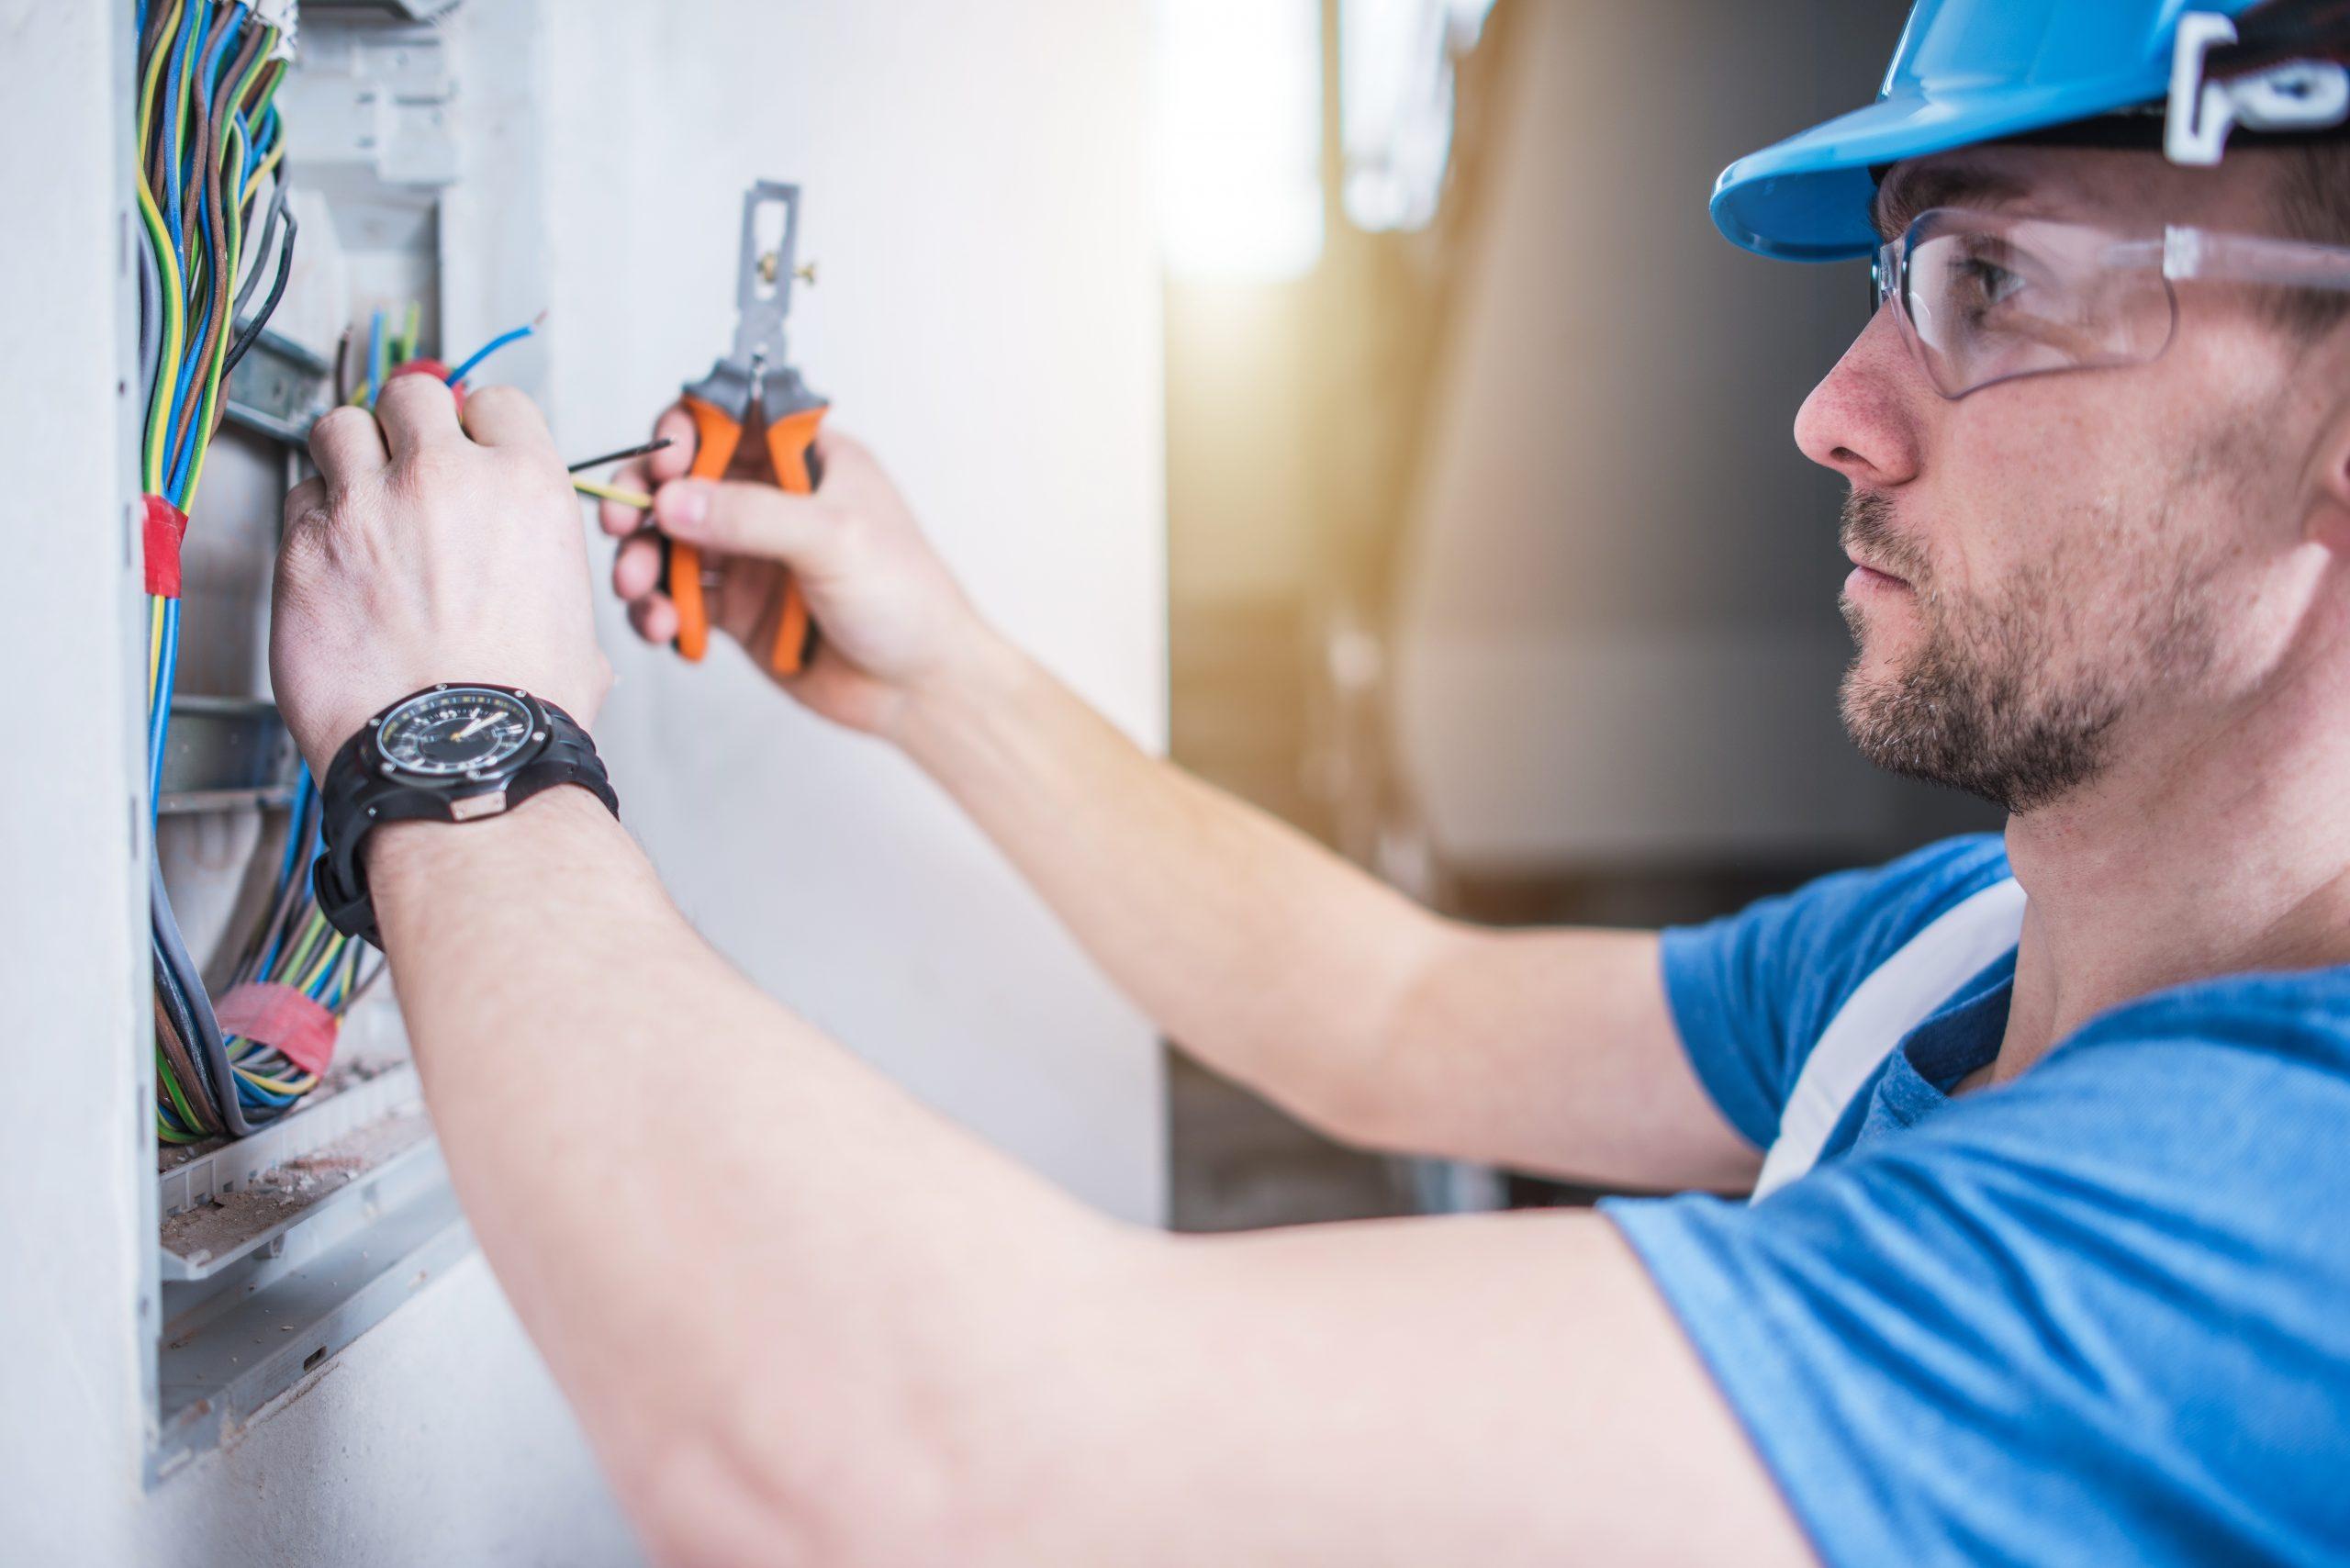 Técnico Electricista y Mantenimiento de Instalaciones Eléctricas en Edificios y Viviendas